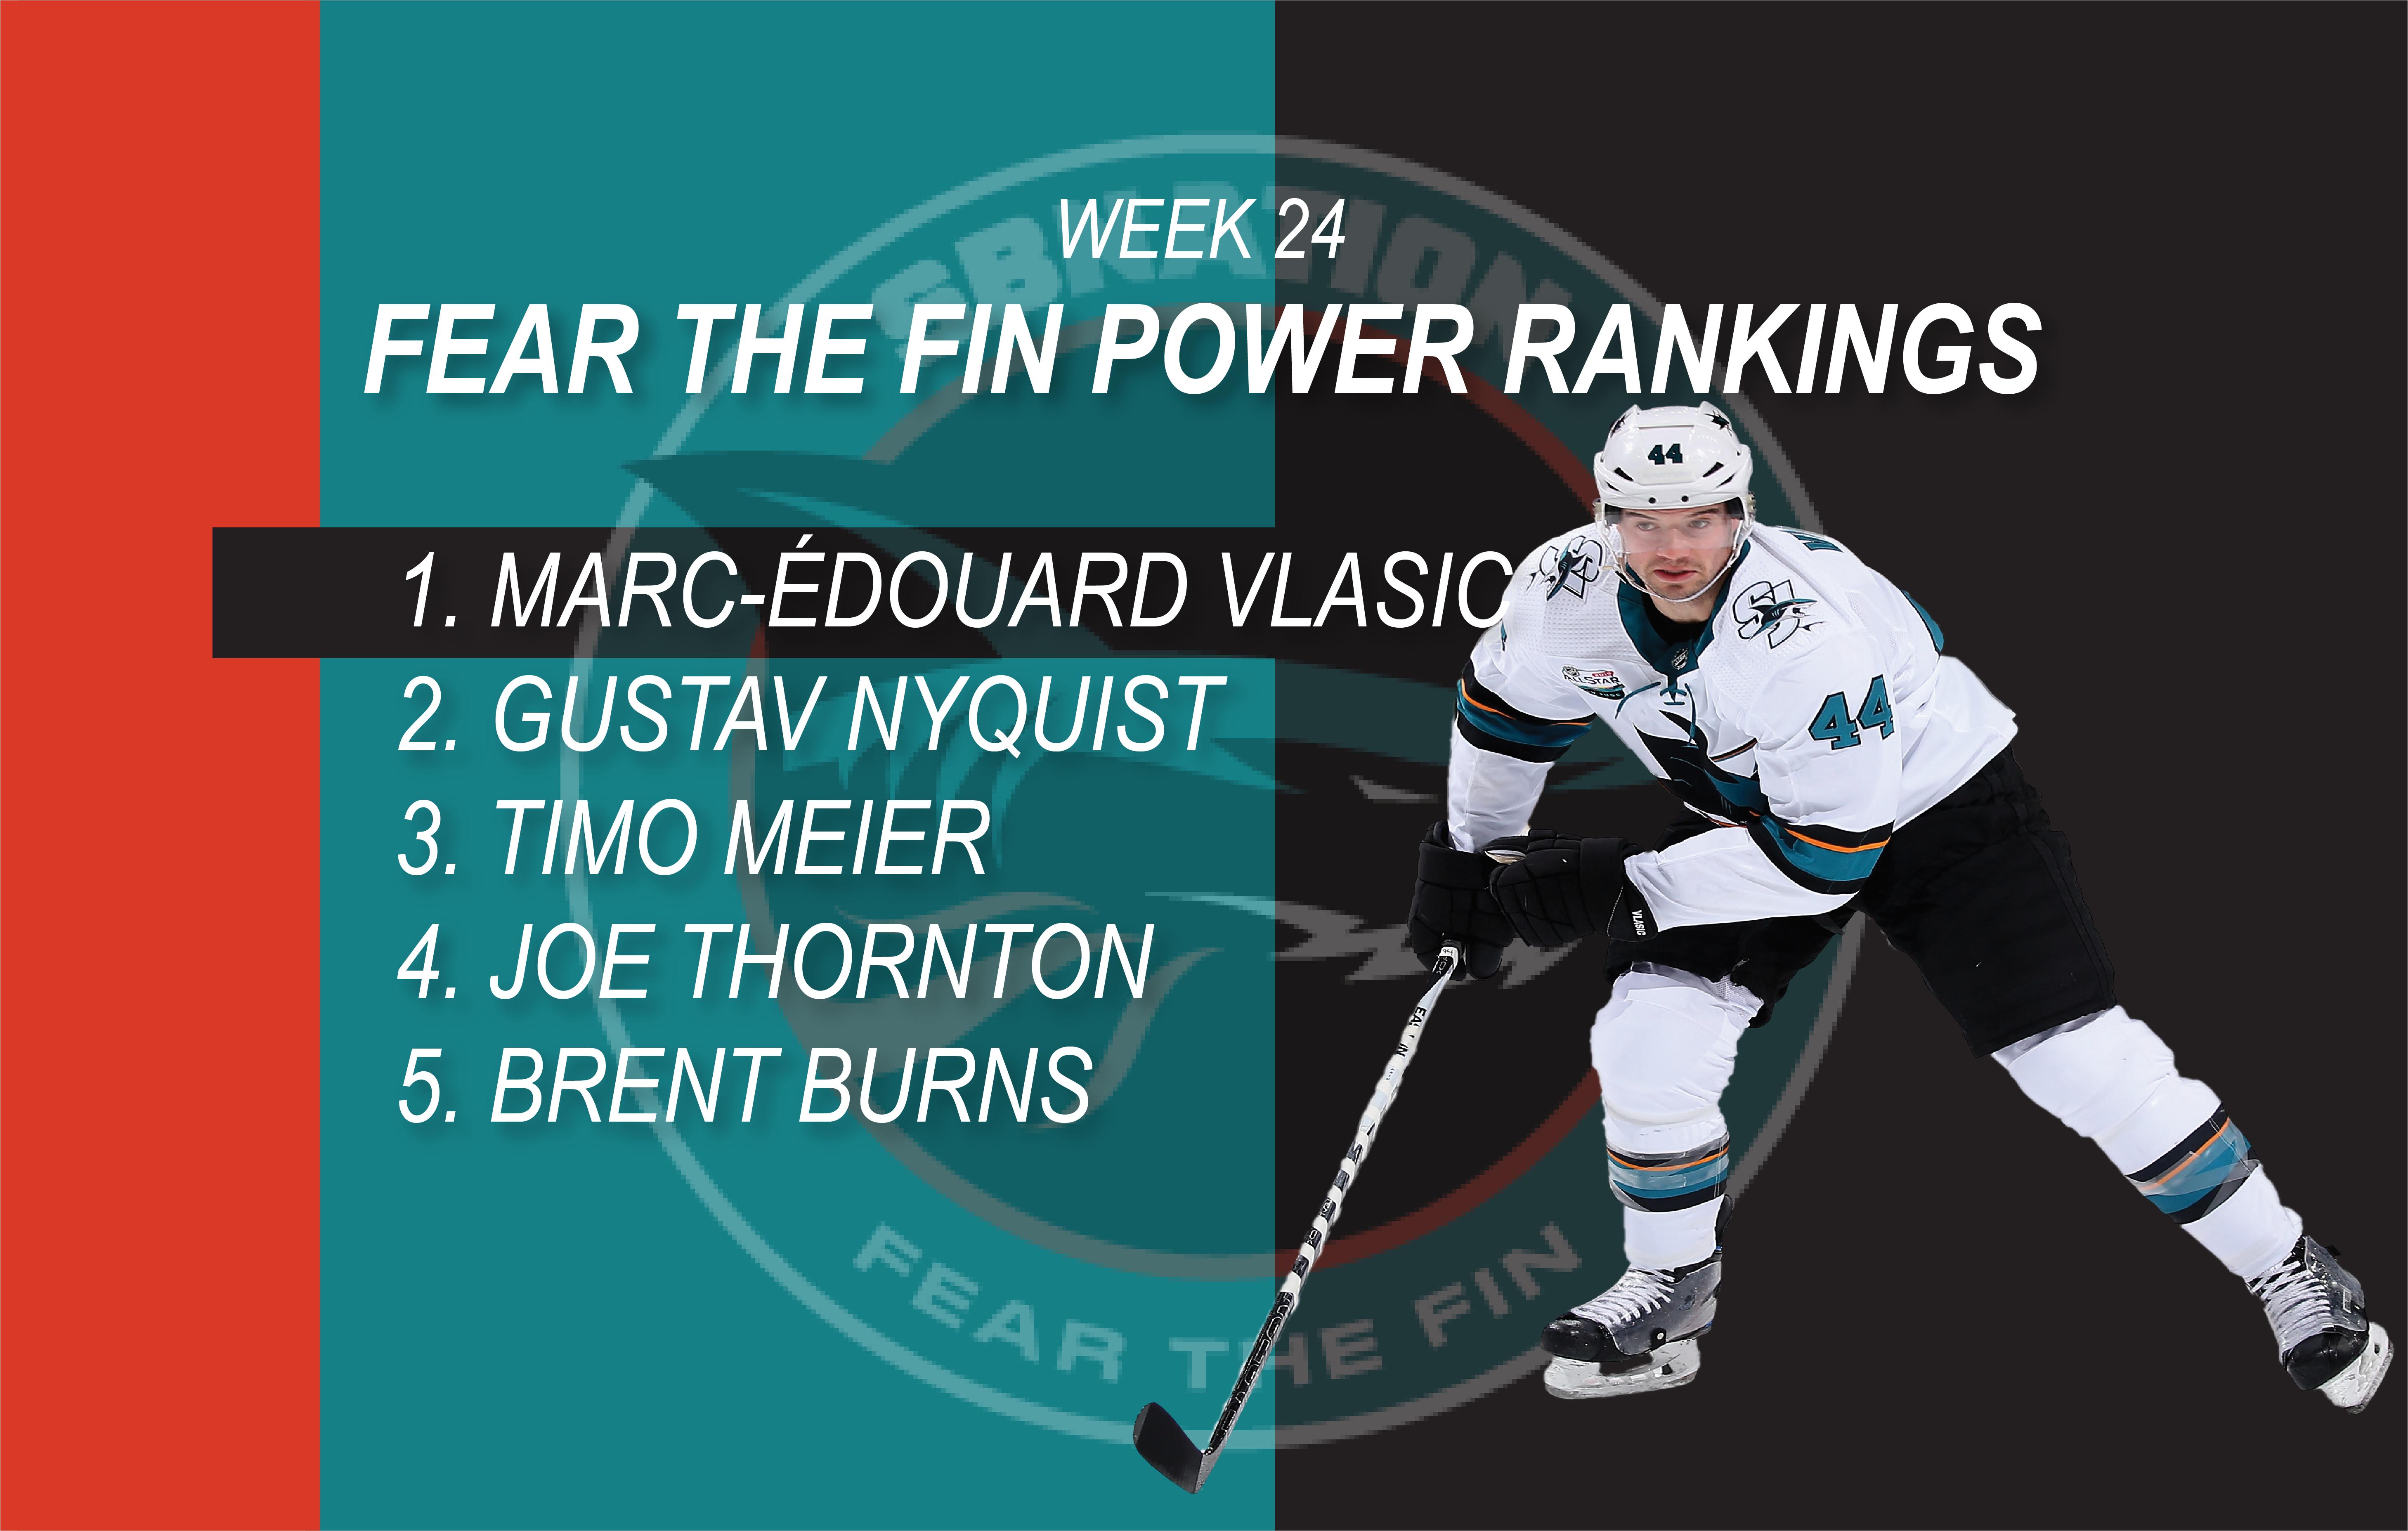 Week 24 Power Rankings